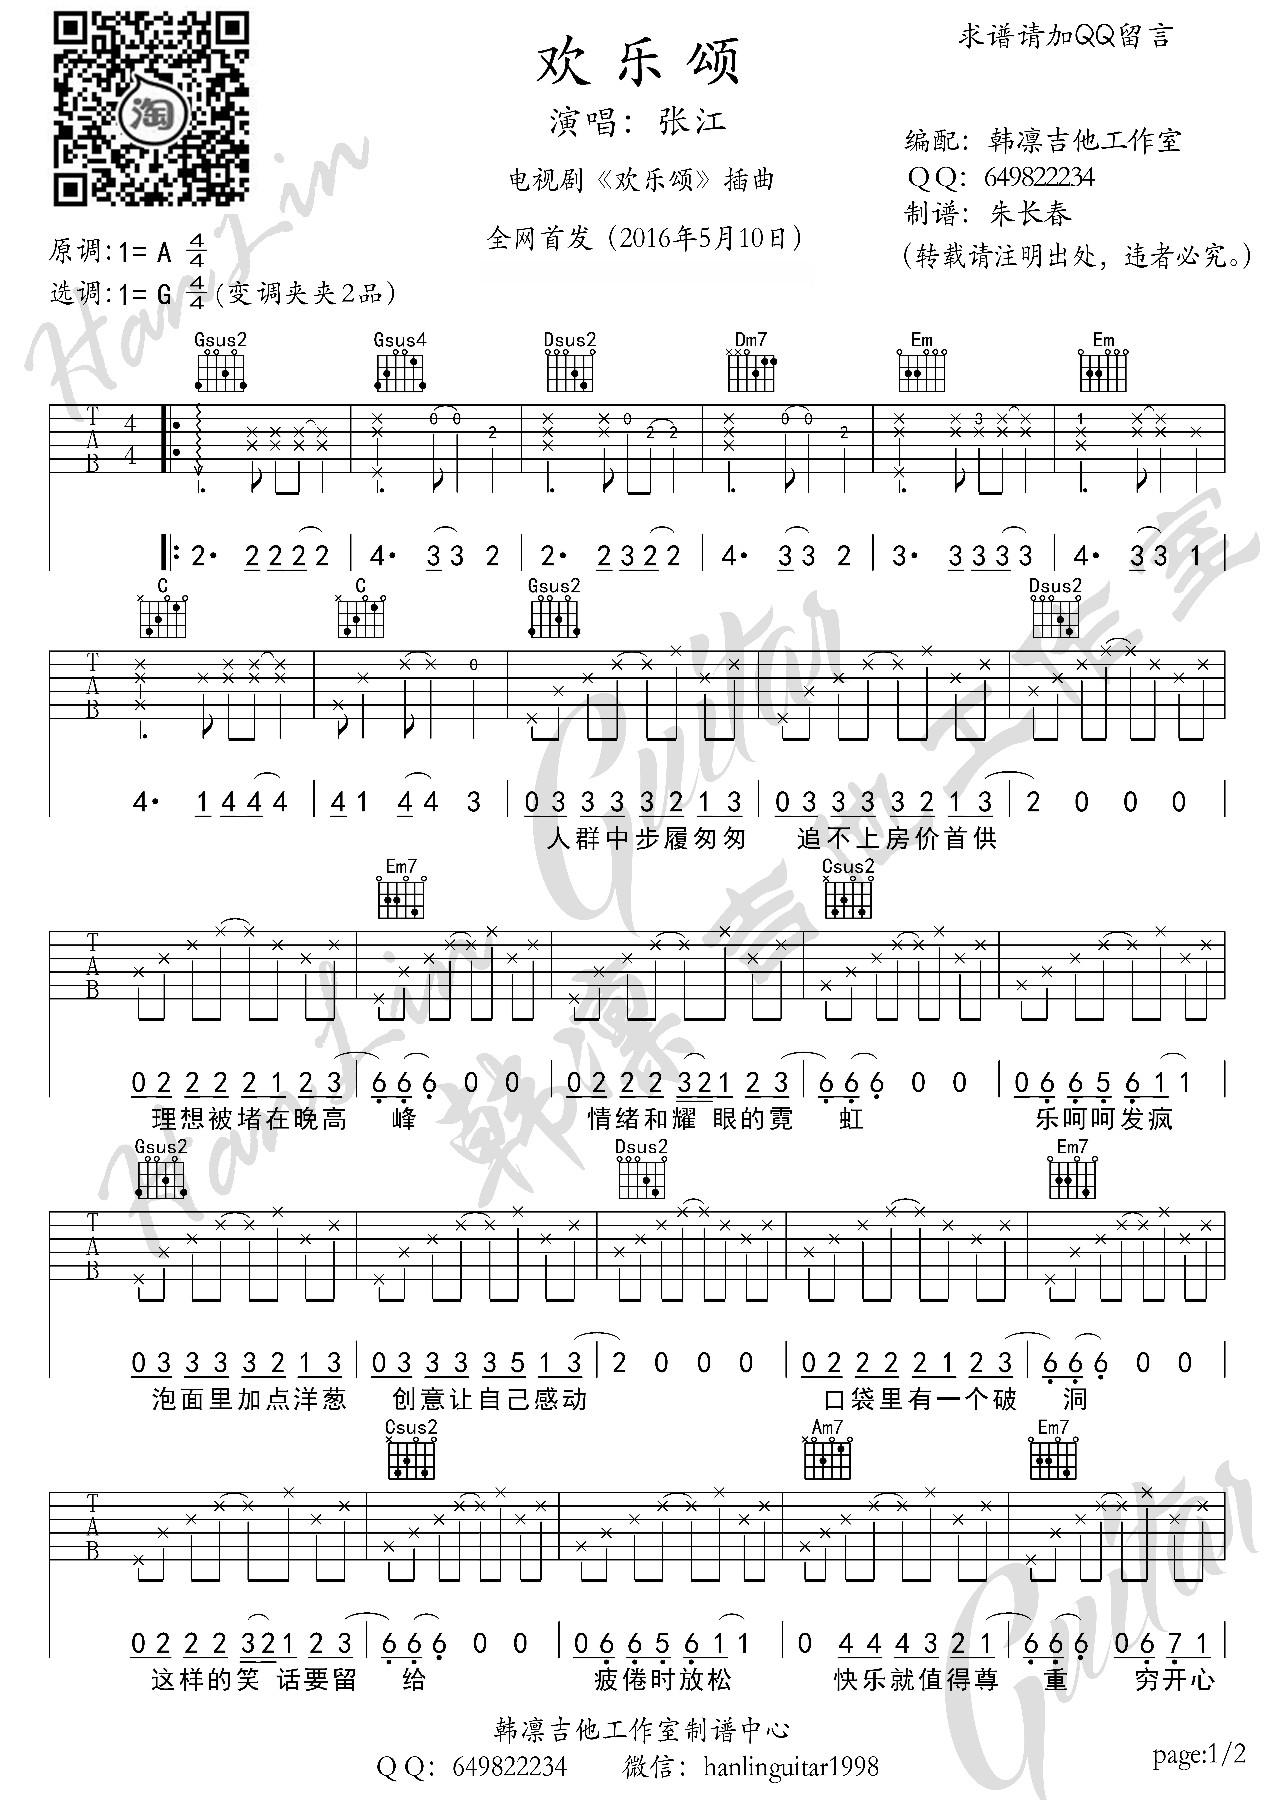 《欢乐颂》主题曲)吉他谱(图片谱,韩凛吉他工作室,欢乐颂,弹唱)_张江图片